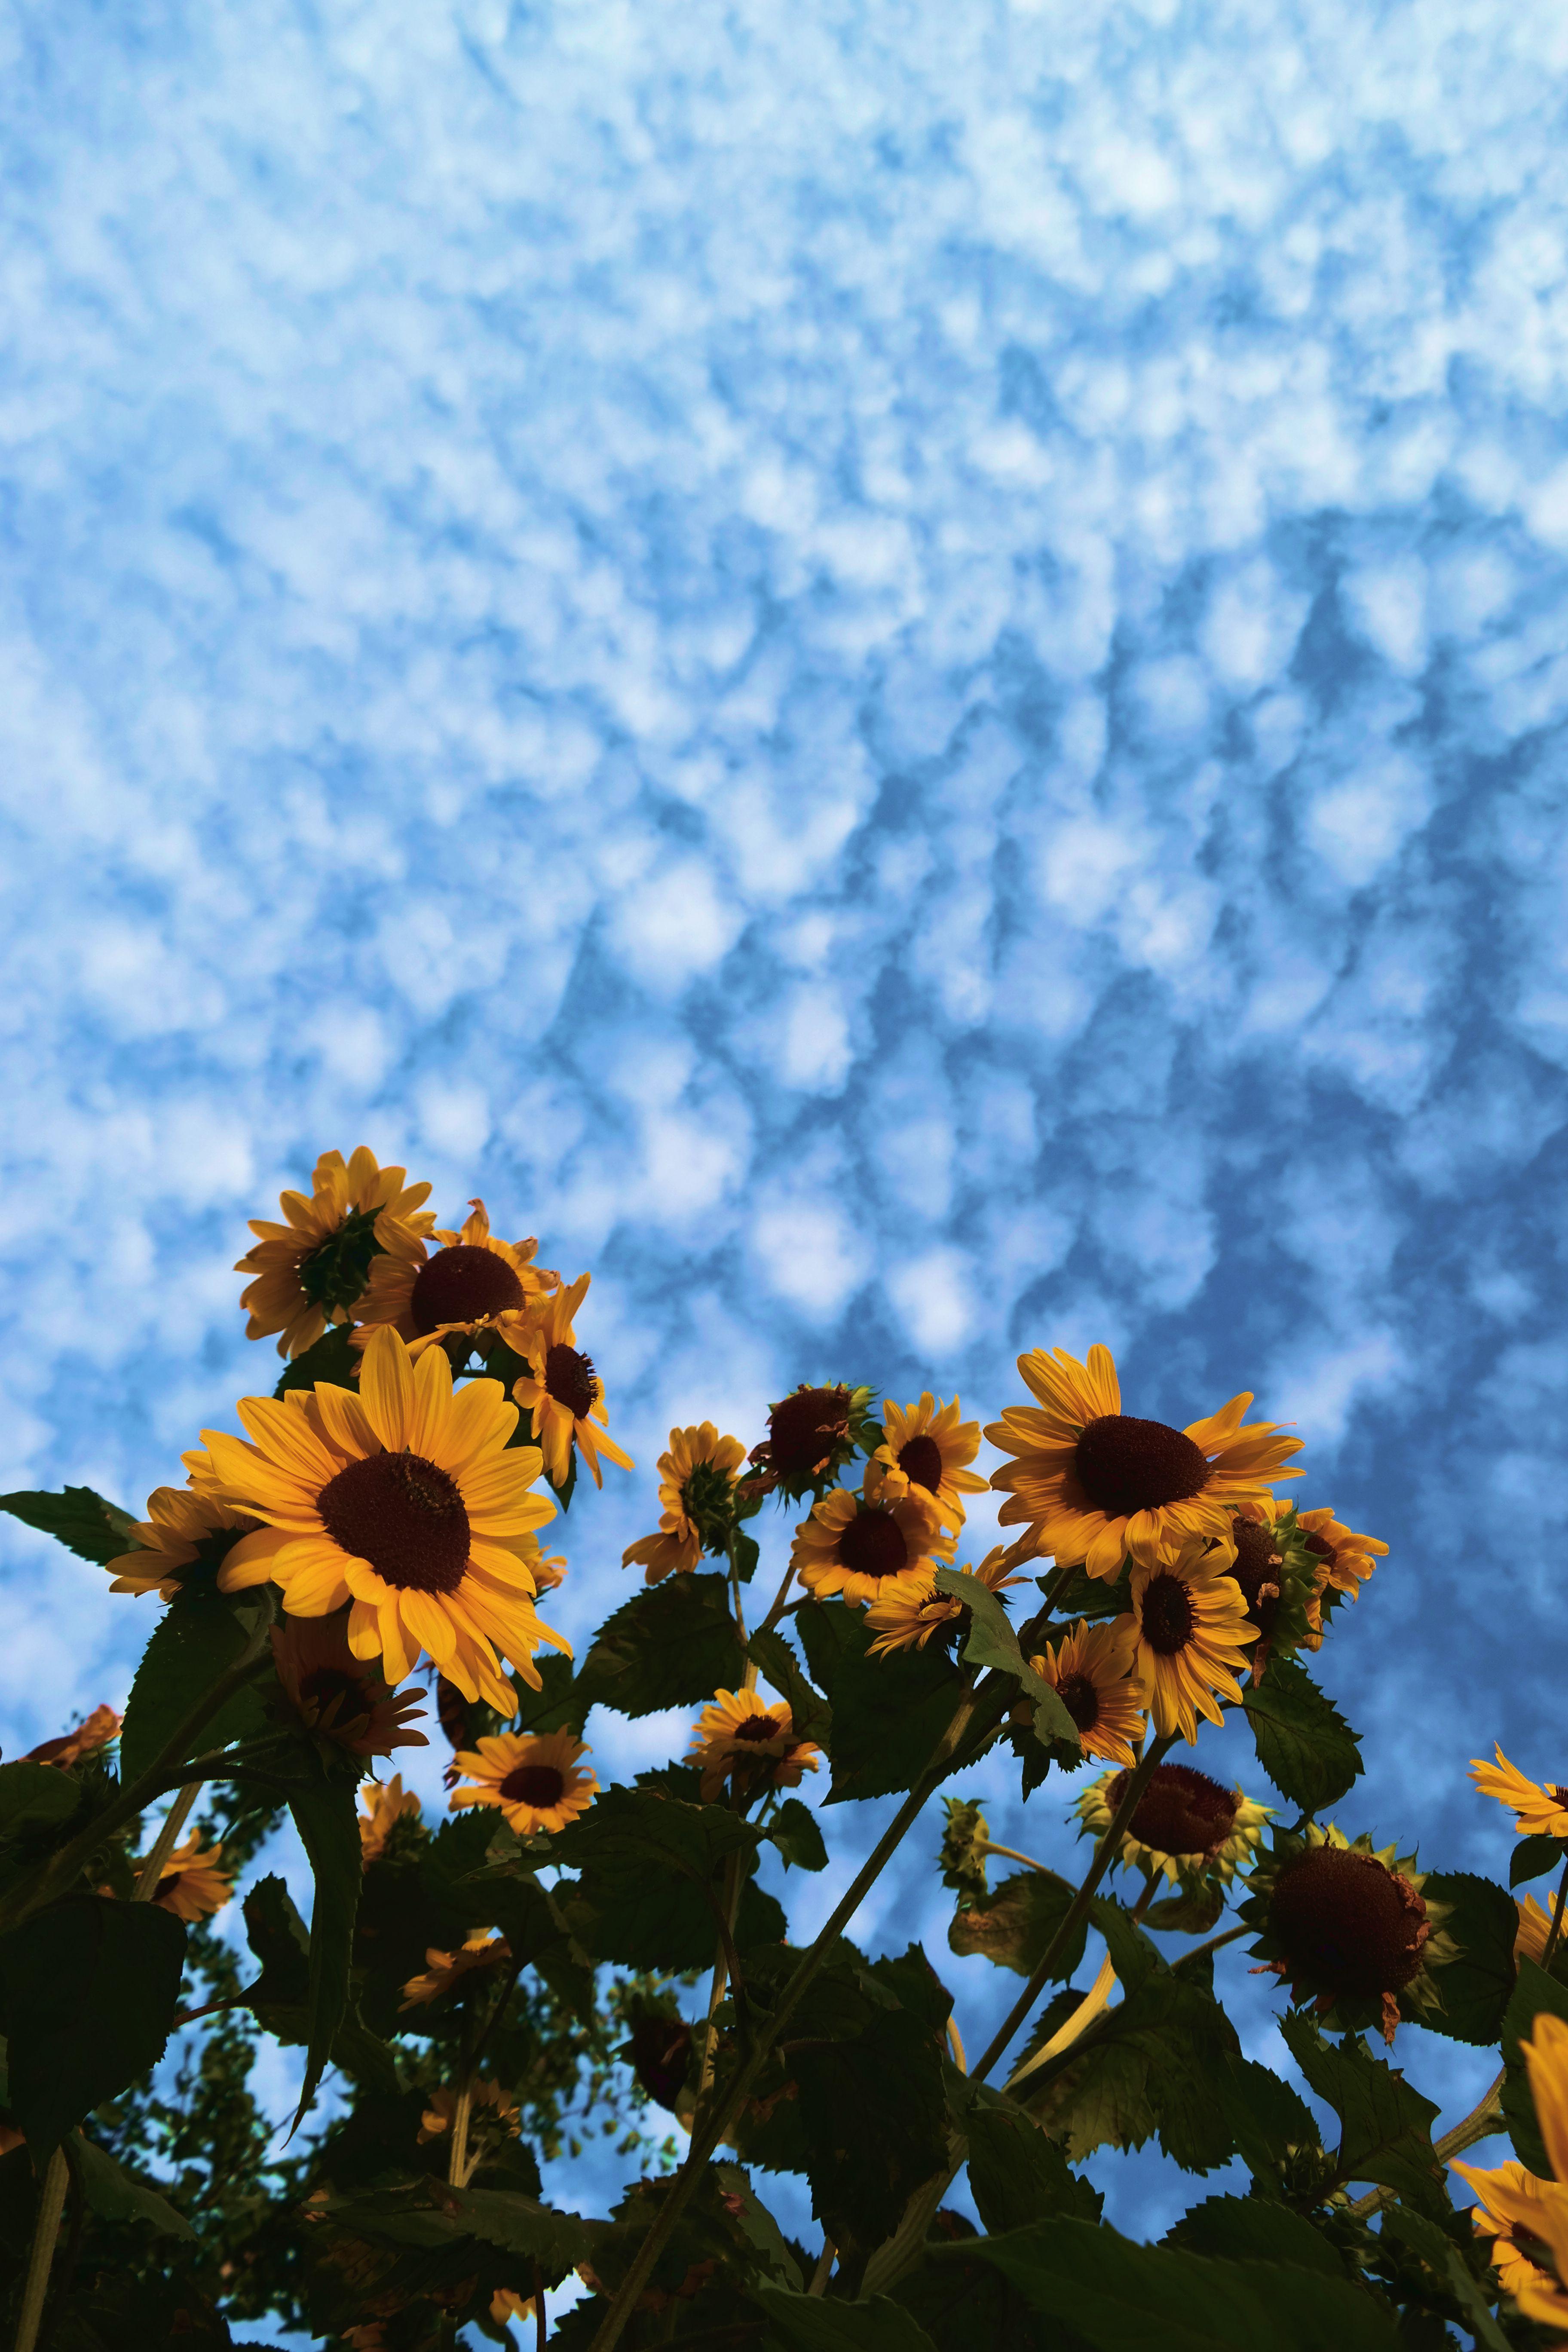 Sunflowers Com Imagens Papel De Parede De Girassol Papel De Parede De Verao Papel De Parede Do Iphone